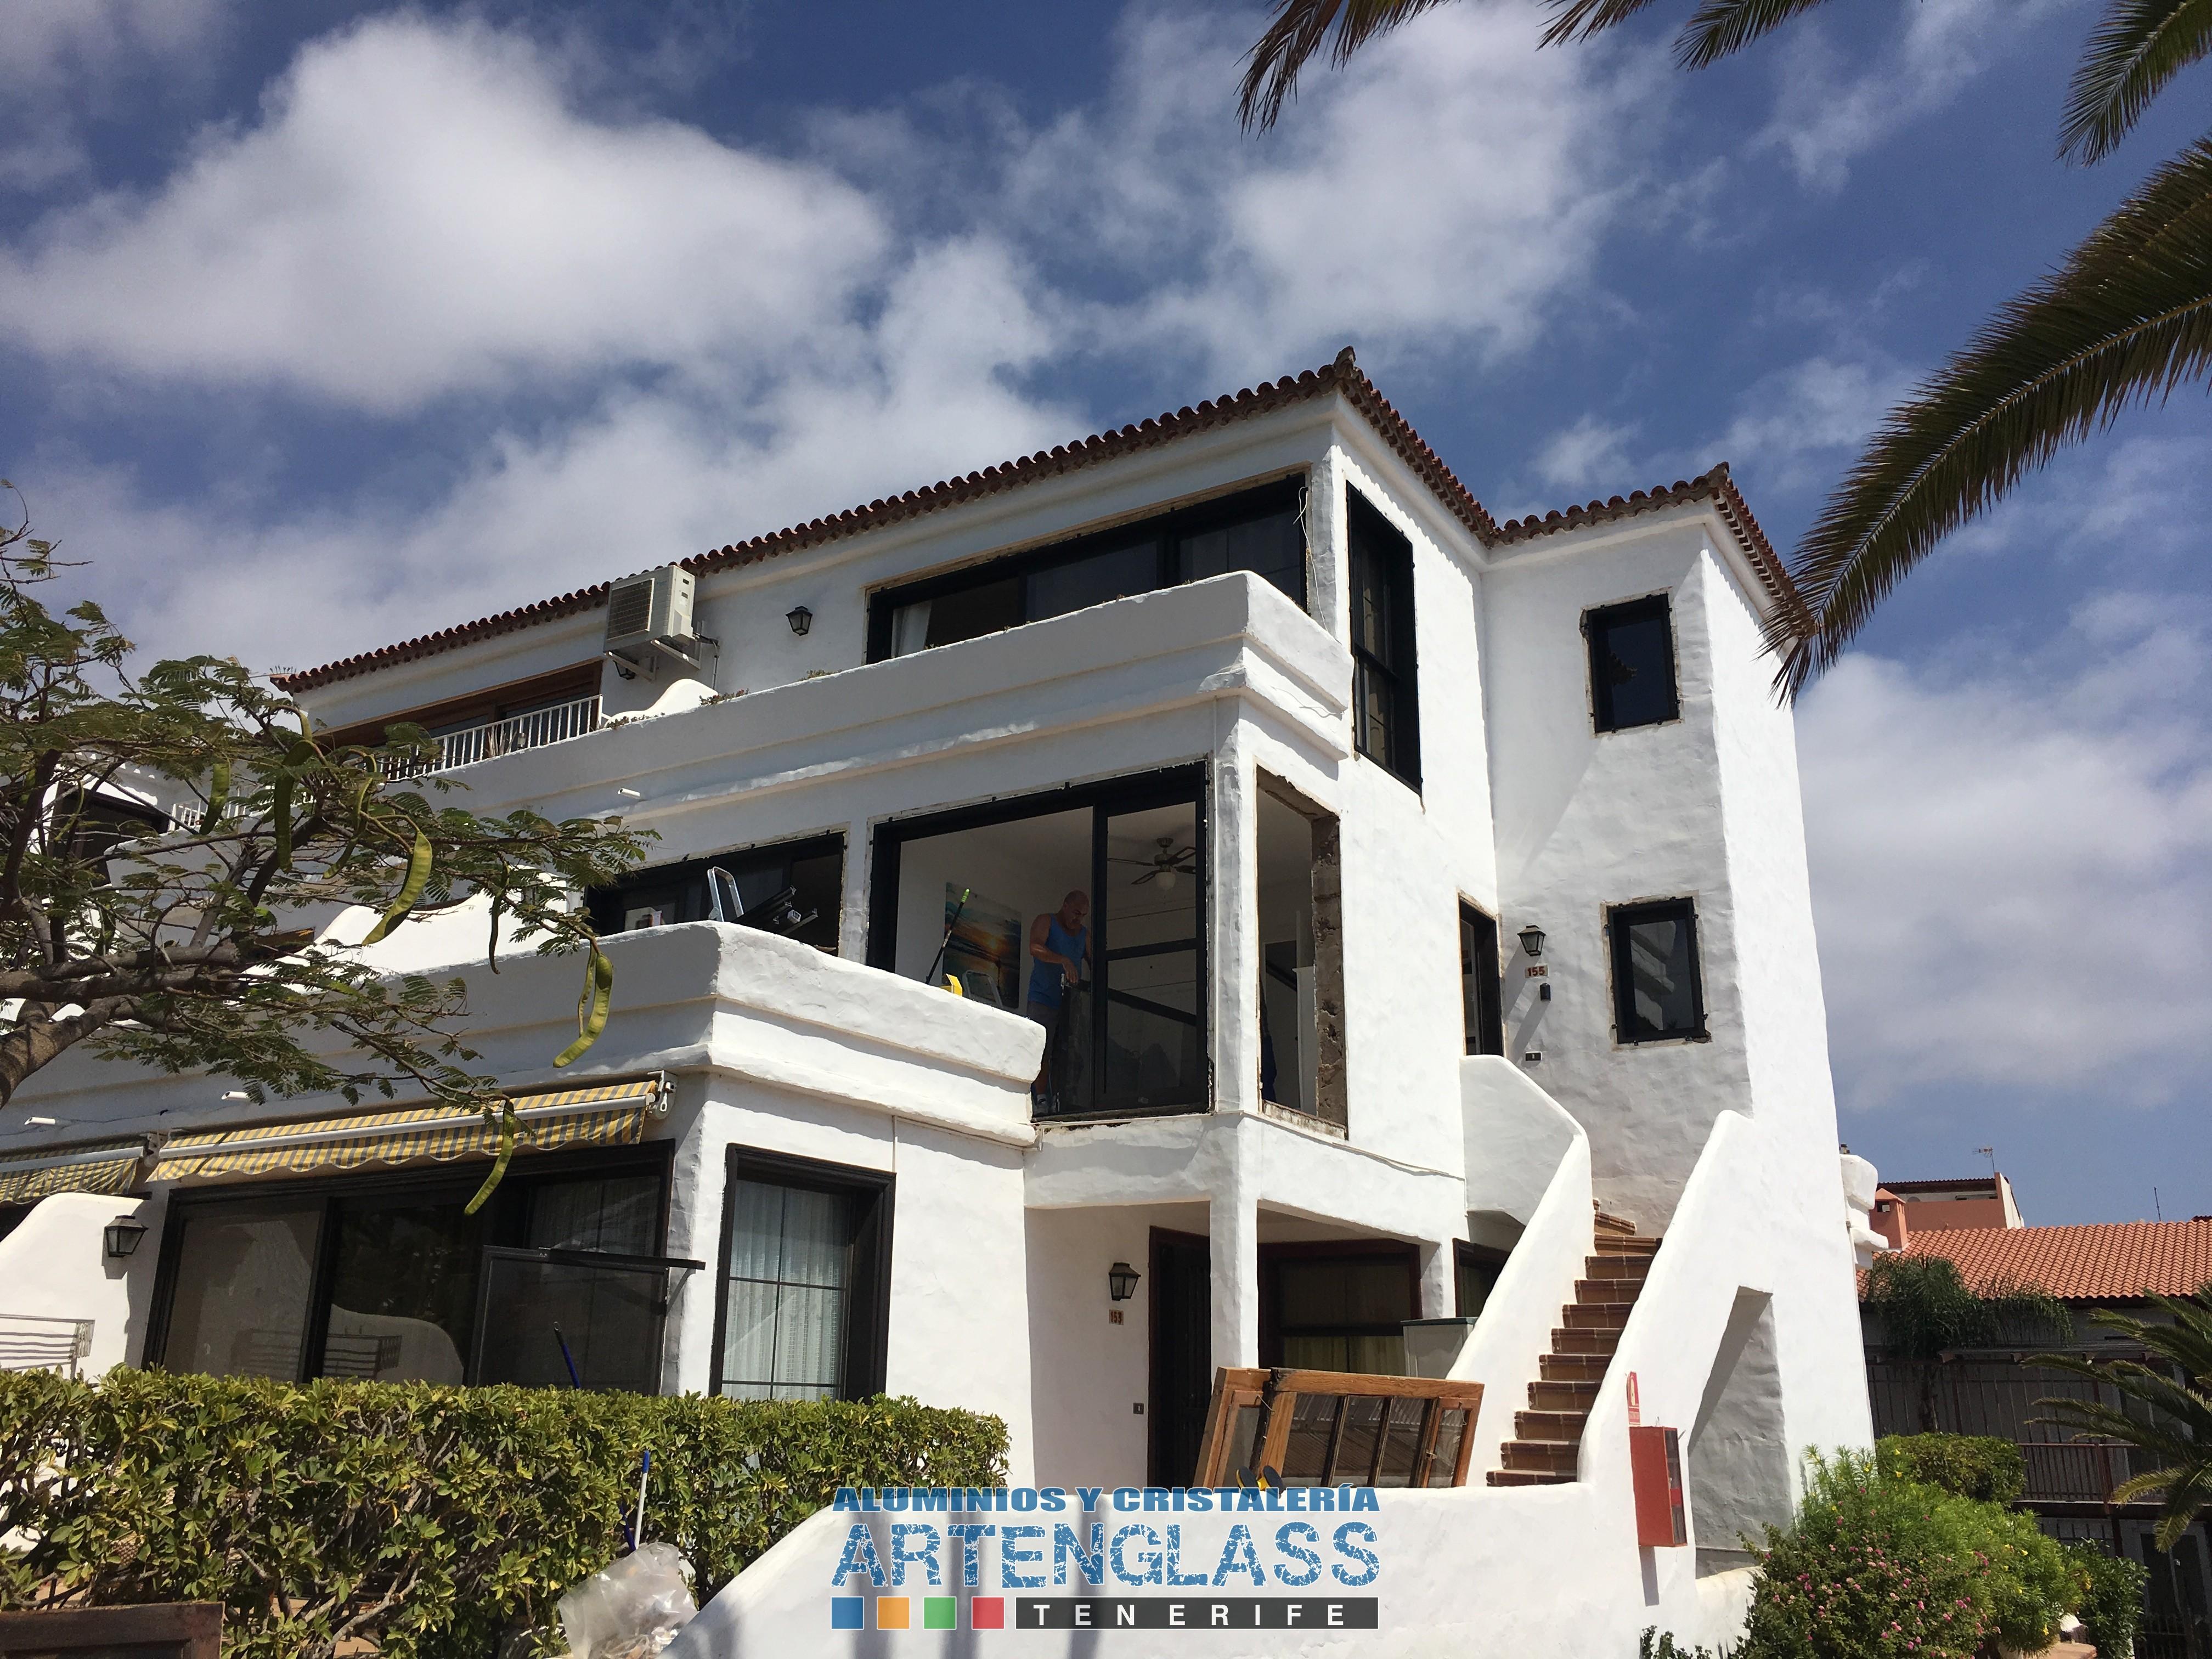 Cambio de Puertas y Ventanas de aluminio en Tenerife